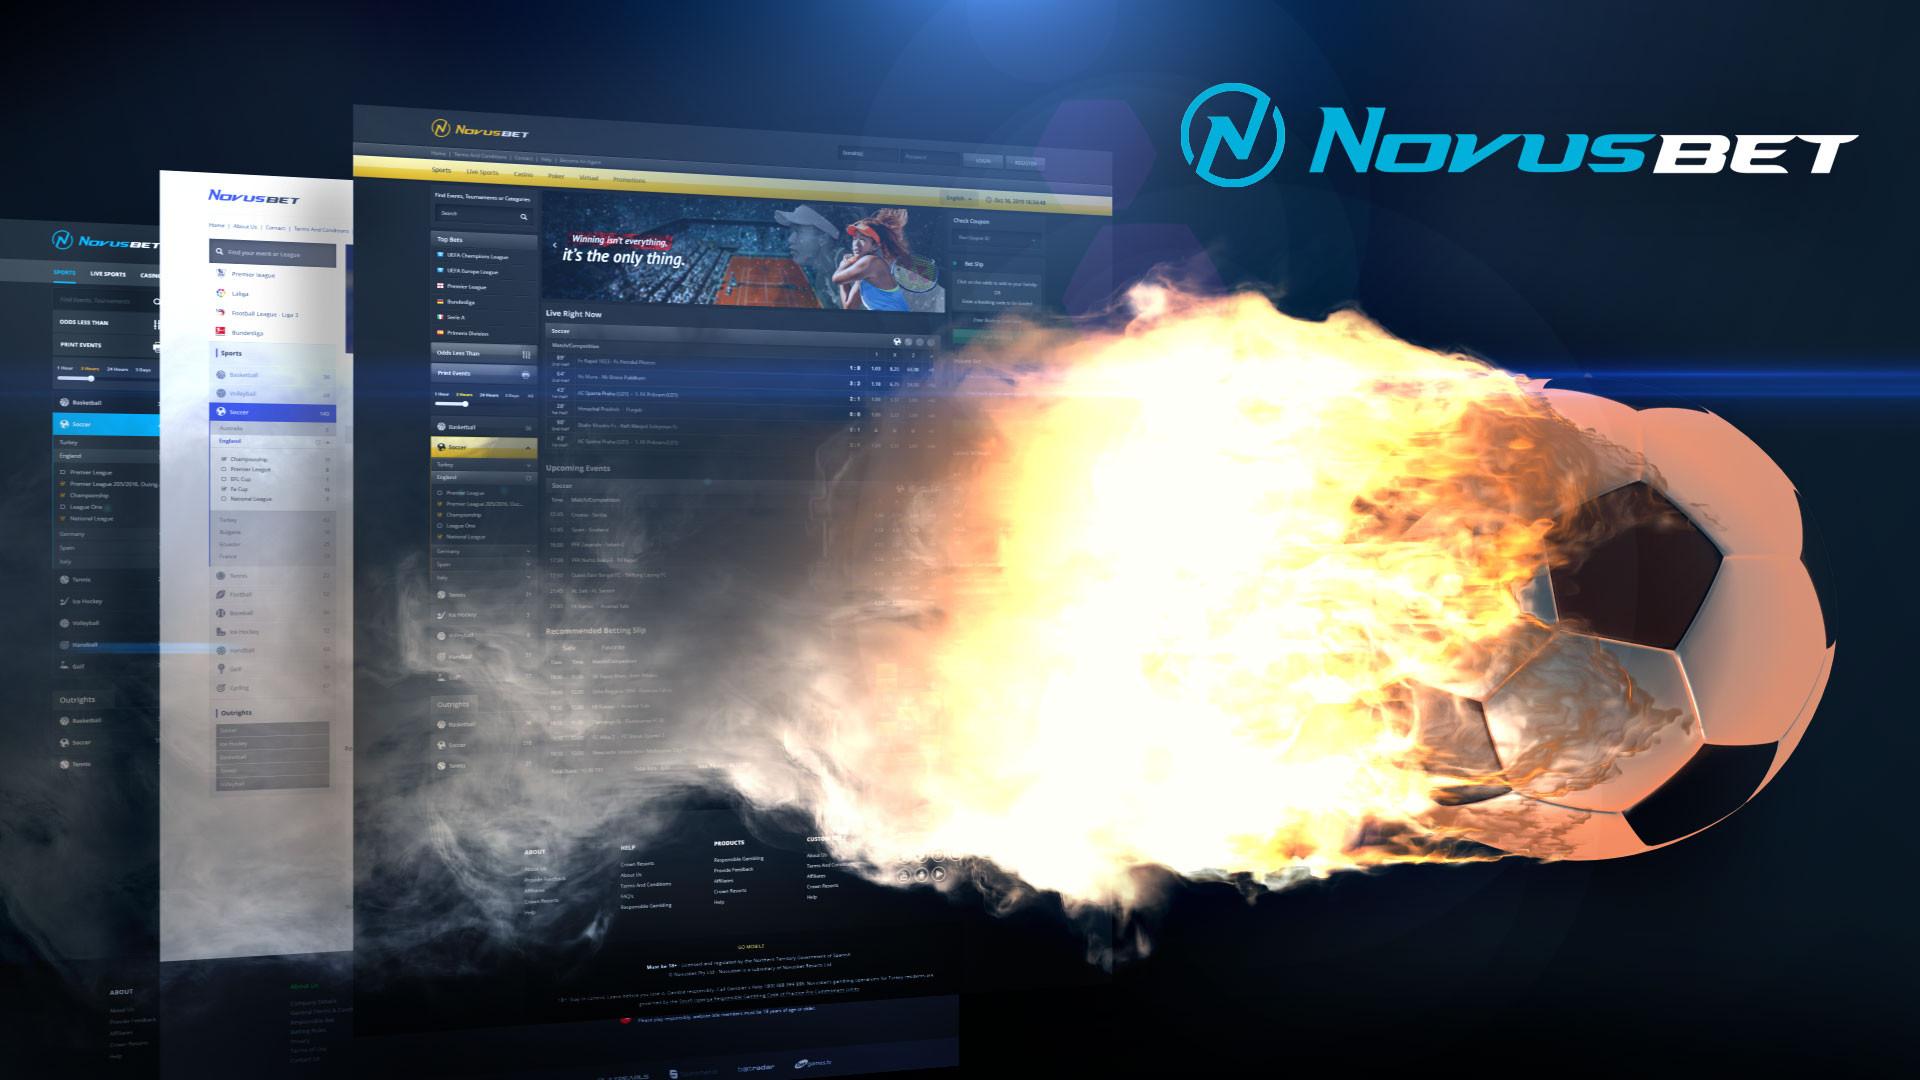 Novusbet